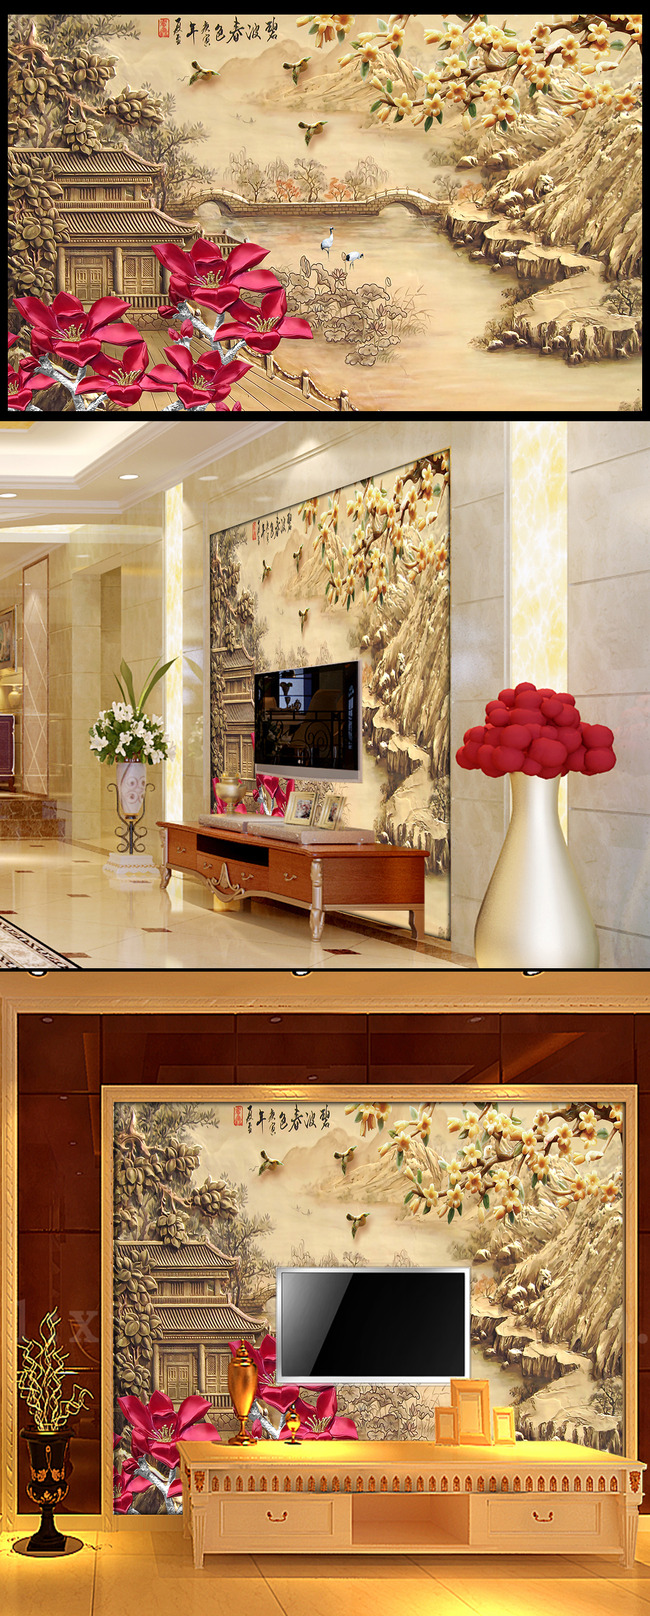 墙画 电视背景墙 立体 3d 室内装饰壁画 手绘壁画 壁画背景墙 房间